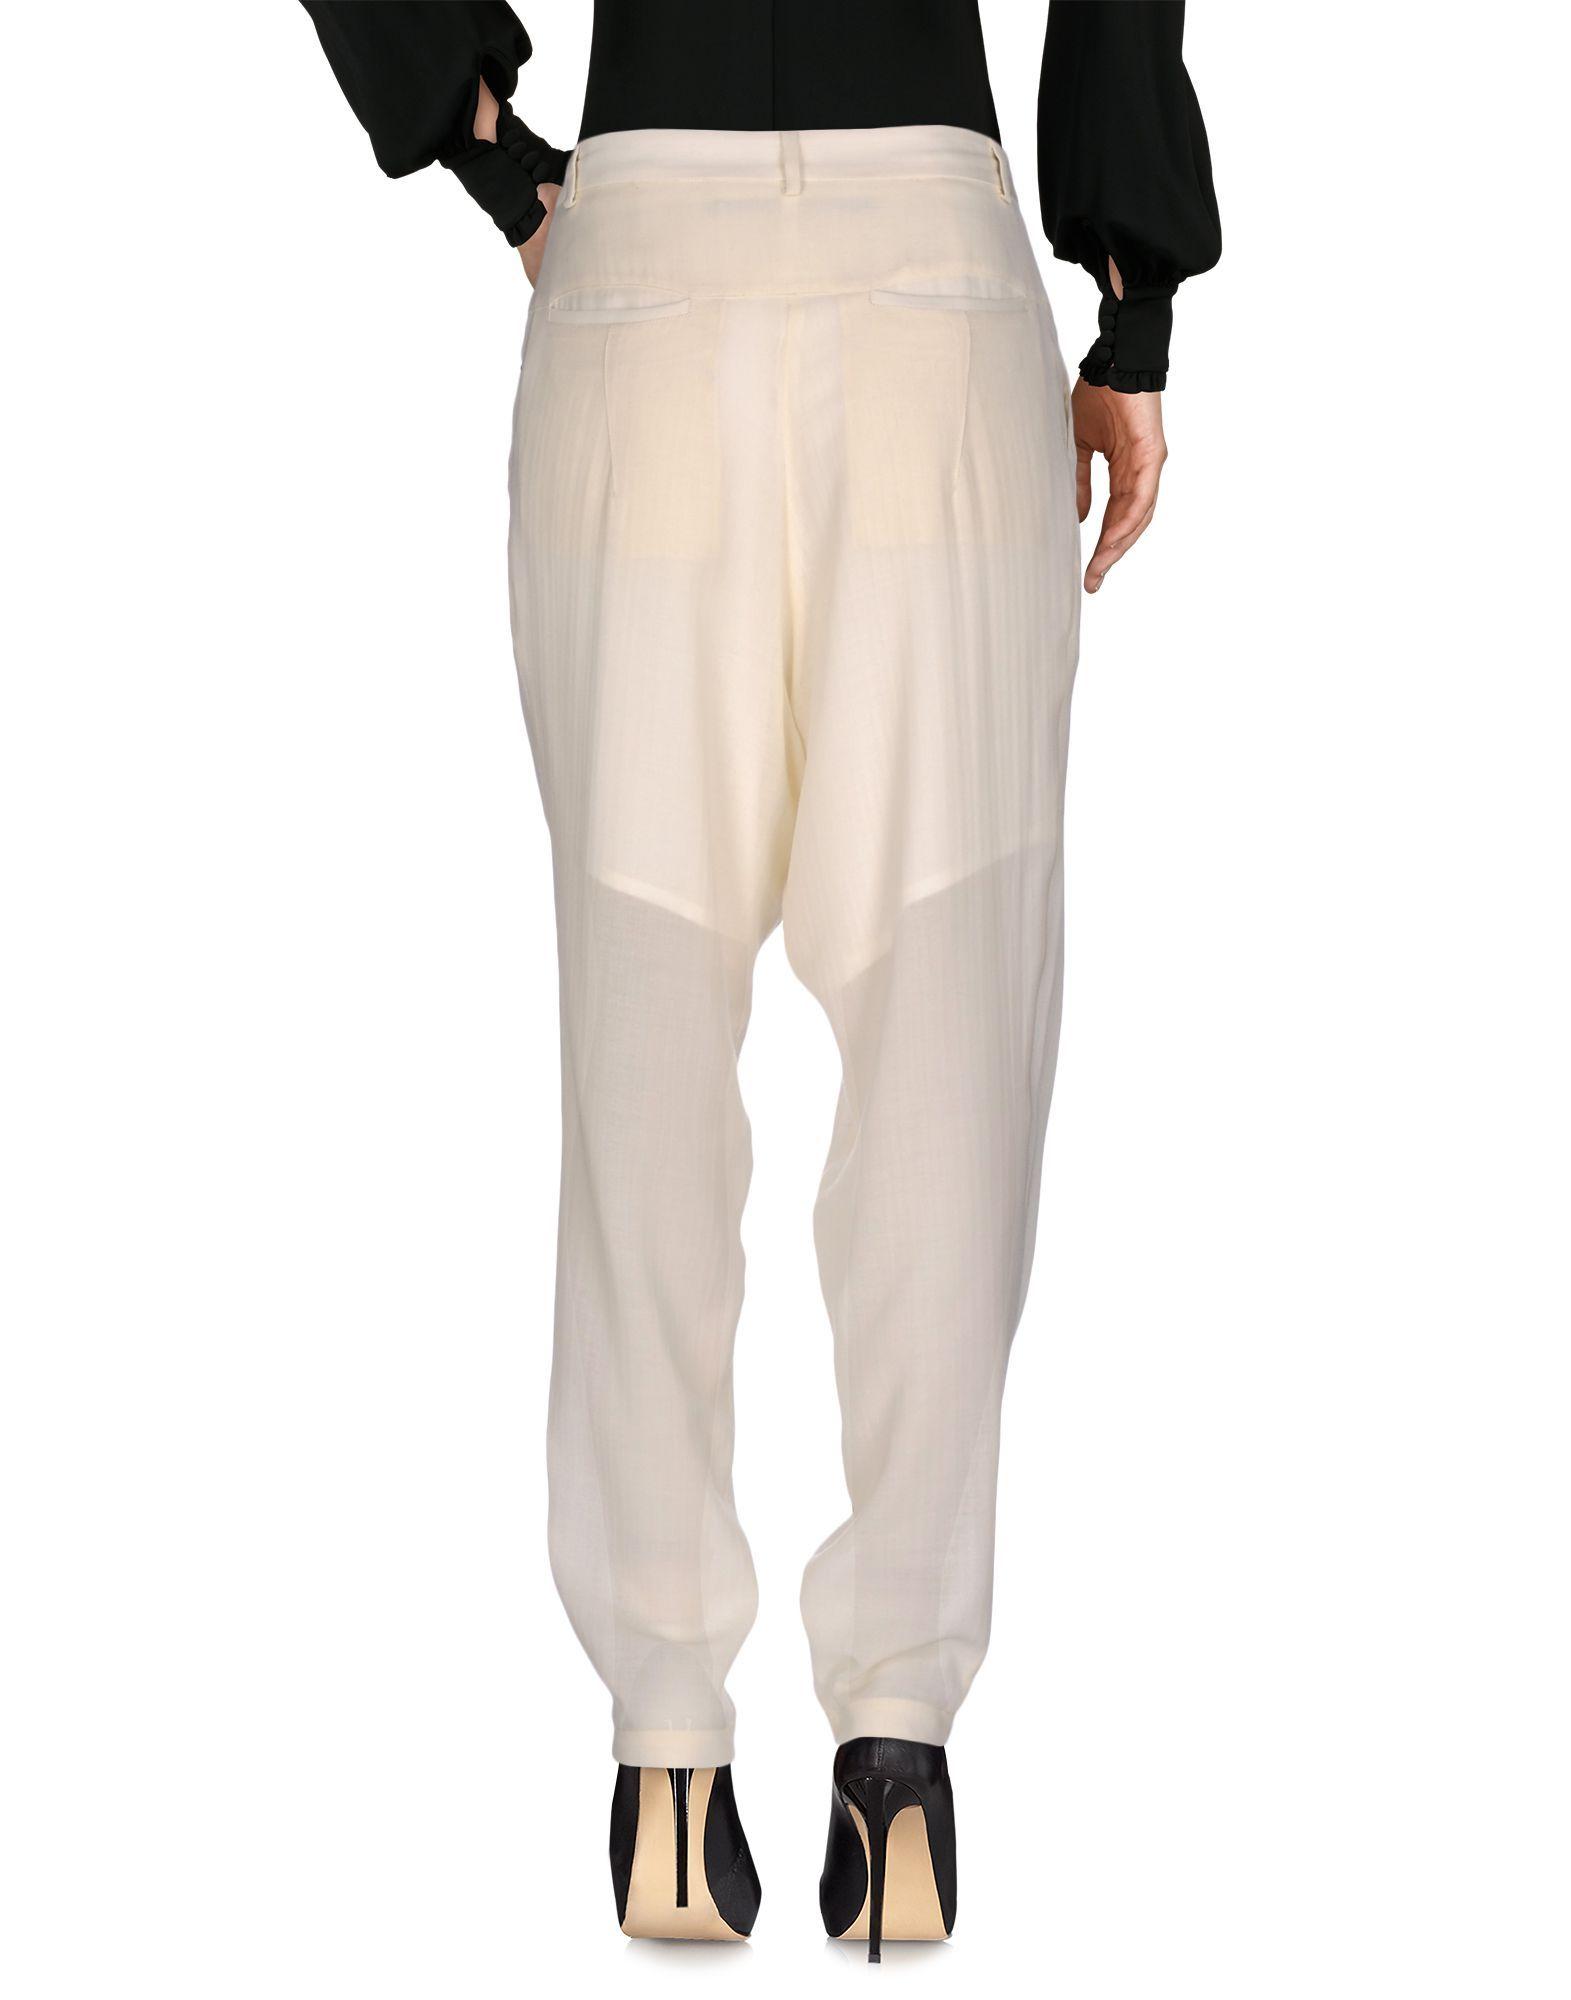 Trousers Isabel Benenato Ivory Women's Virgin Wool